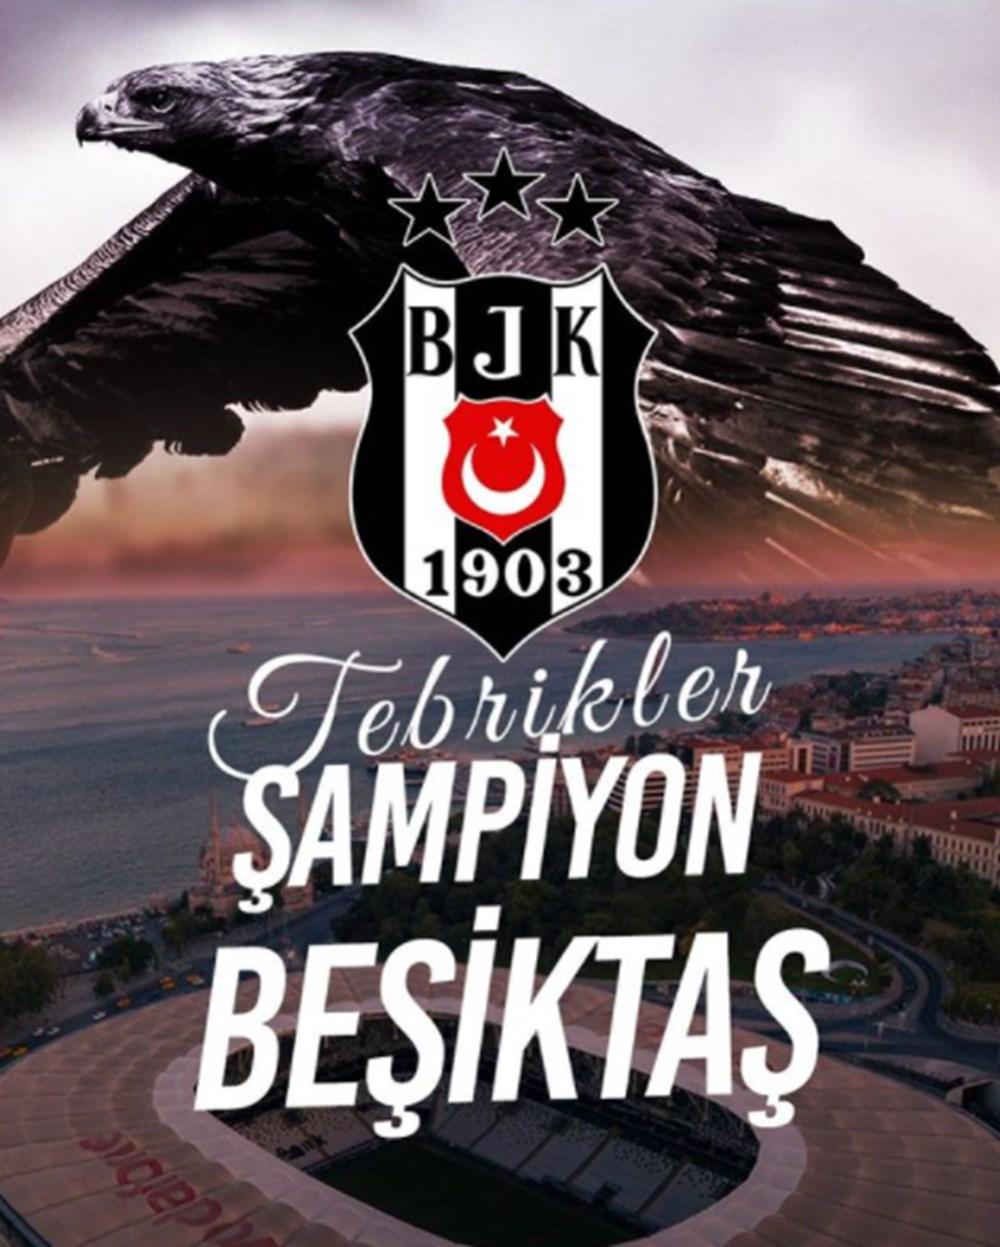 Ünlülerden Beşiktaş'ın şampiyonluk paylaşımları - 6